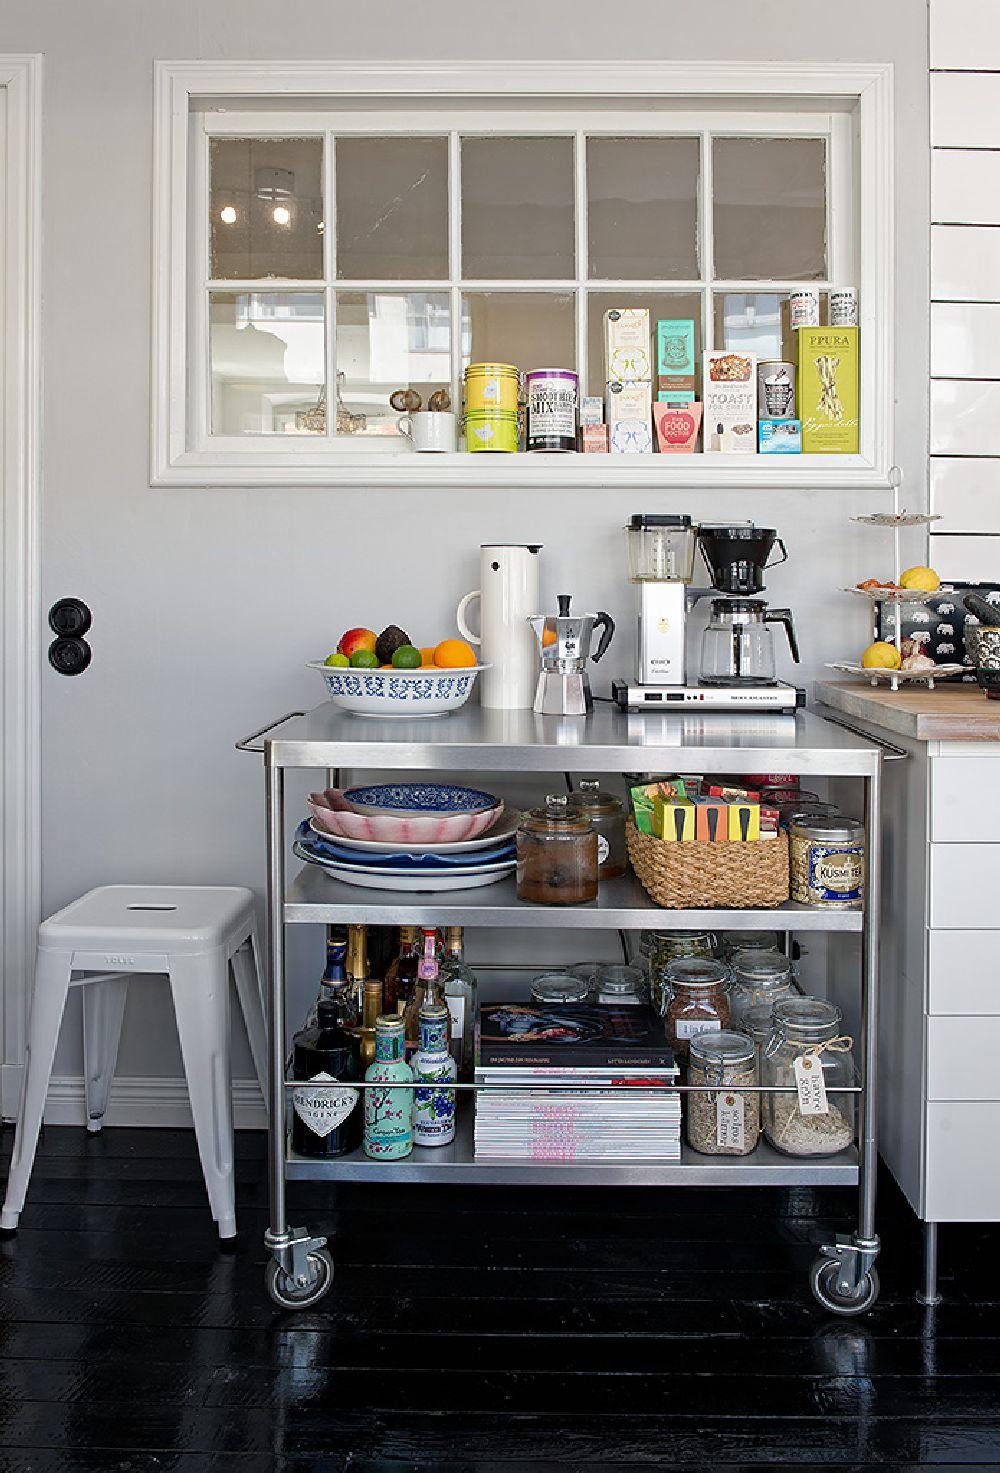 adelaparvu.com despre apartament 2 camere 51 mp Suedia, Foto Alvhem (1)